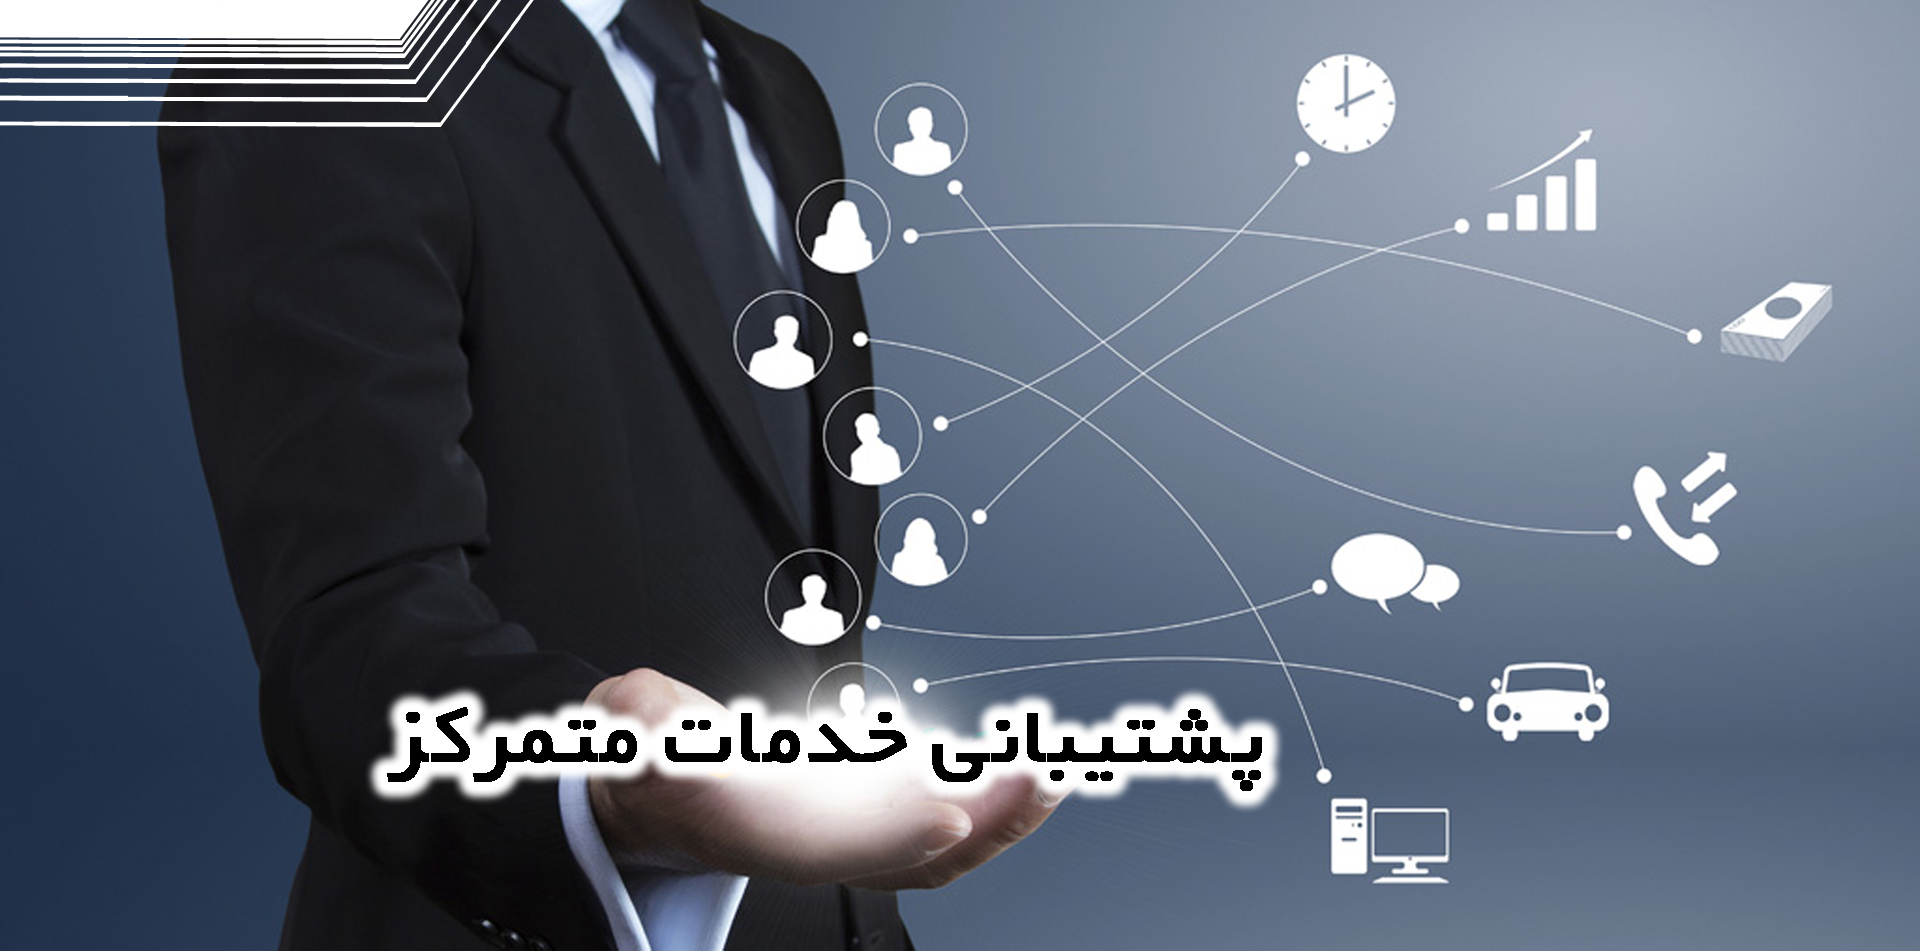 پشتیبانی انفورماتیک و شبکه